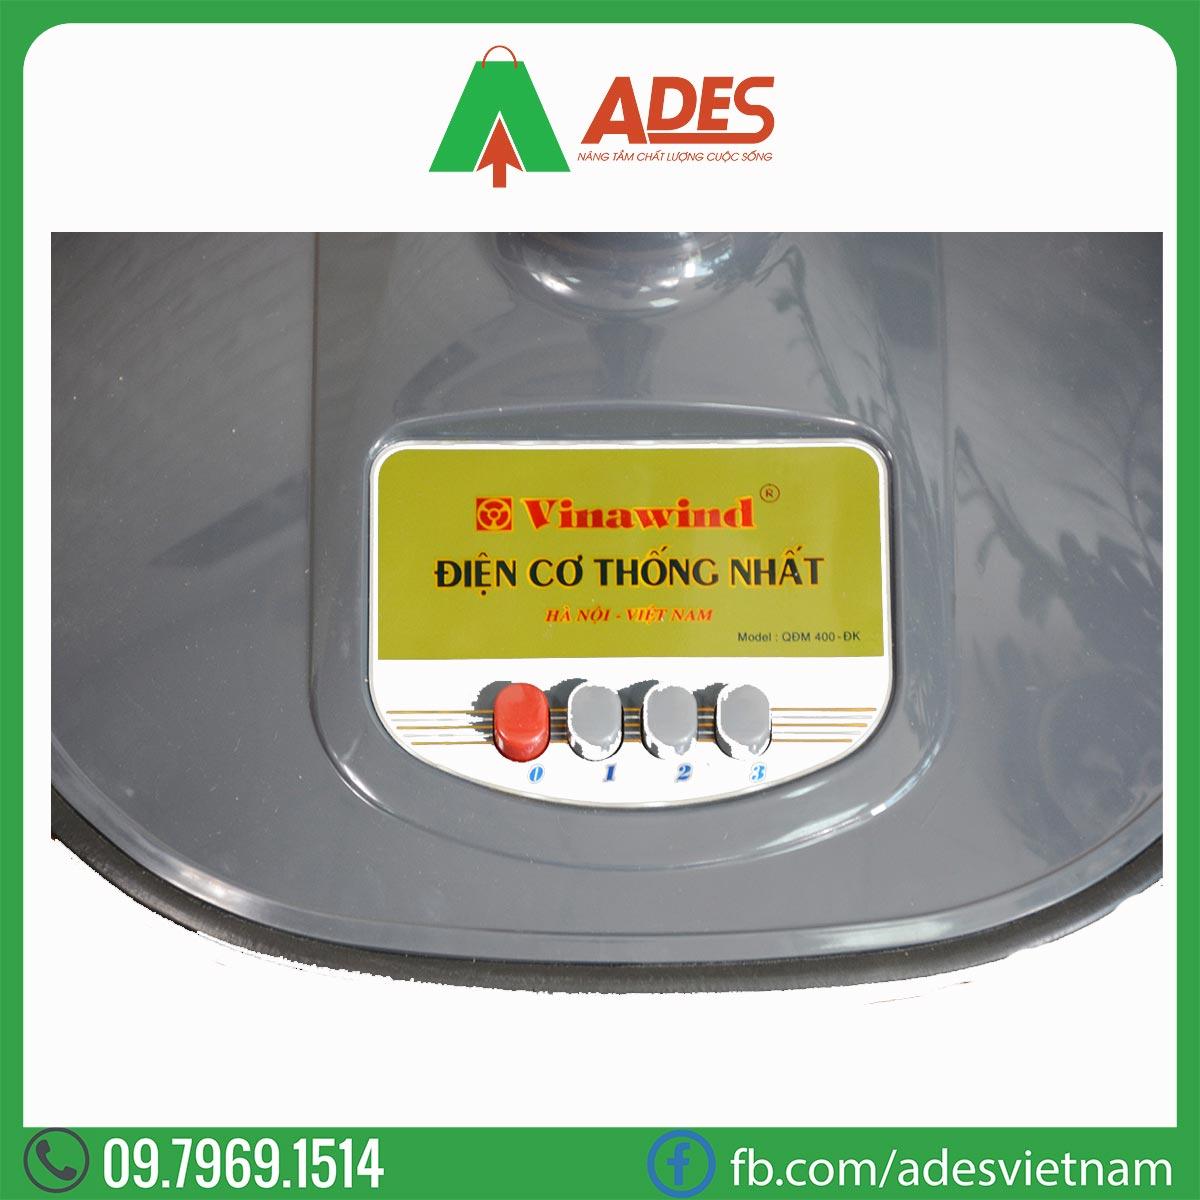 Quat dung mini Vinawind QDM 400 DK Dien may ADES